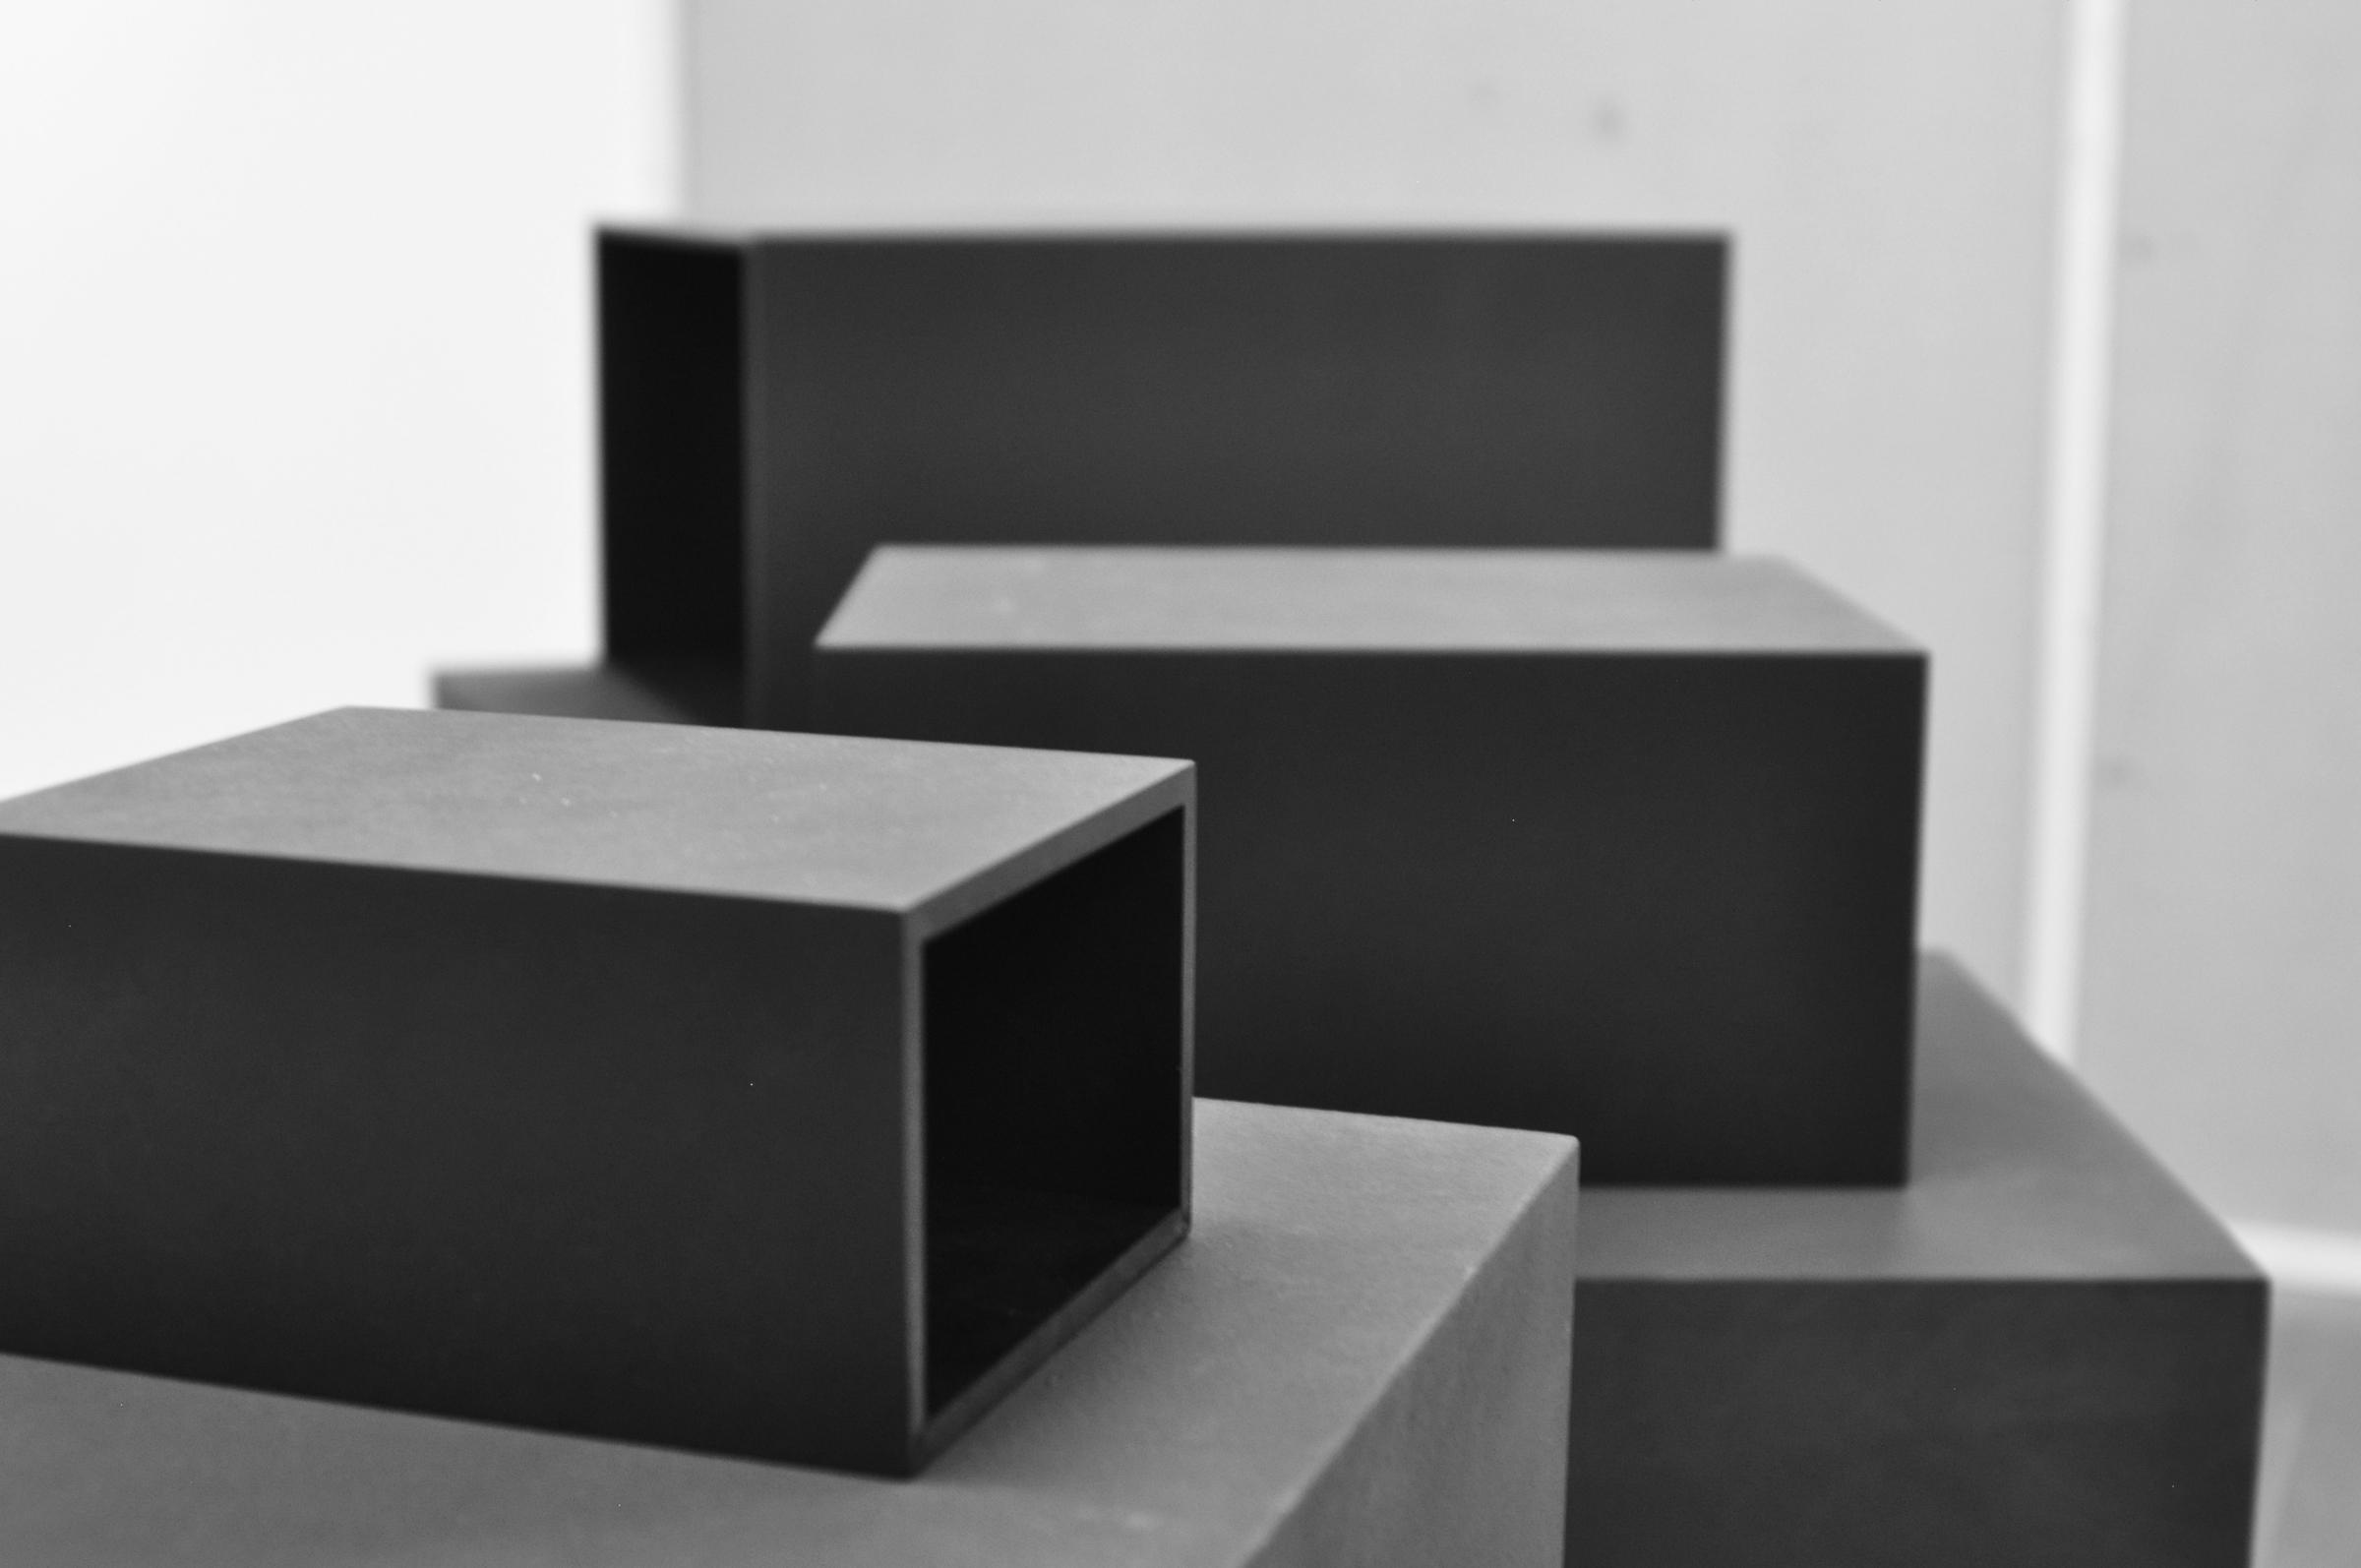 http://manfrednaescher.com/images/manfred_naescher__afterimages_for_alfred_kubin__black_boxes-grey.jpg